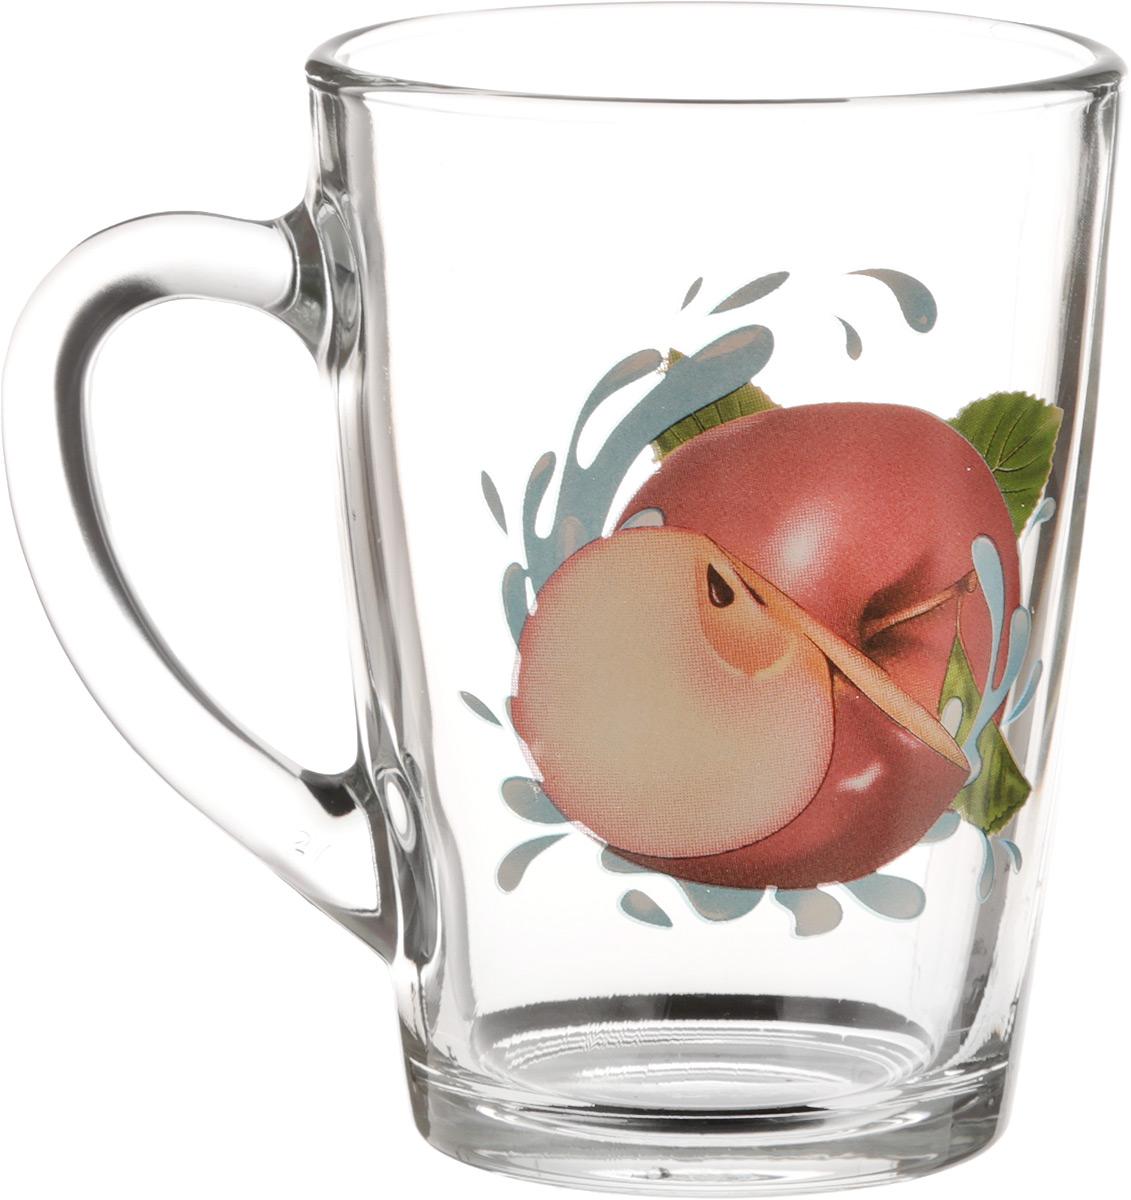 Кружка OSZ Капучино. Яблоко красное, 300 млFS-91909Кружка OSZ Капучино. Яблоко красное изготовлена из стекла и декорирована принтом.Диаметр (по верхнему краю): 7,5 см. Высота: 11 см.